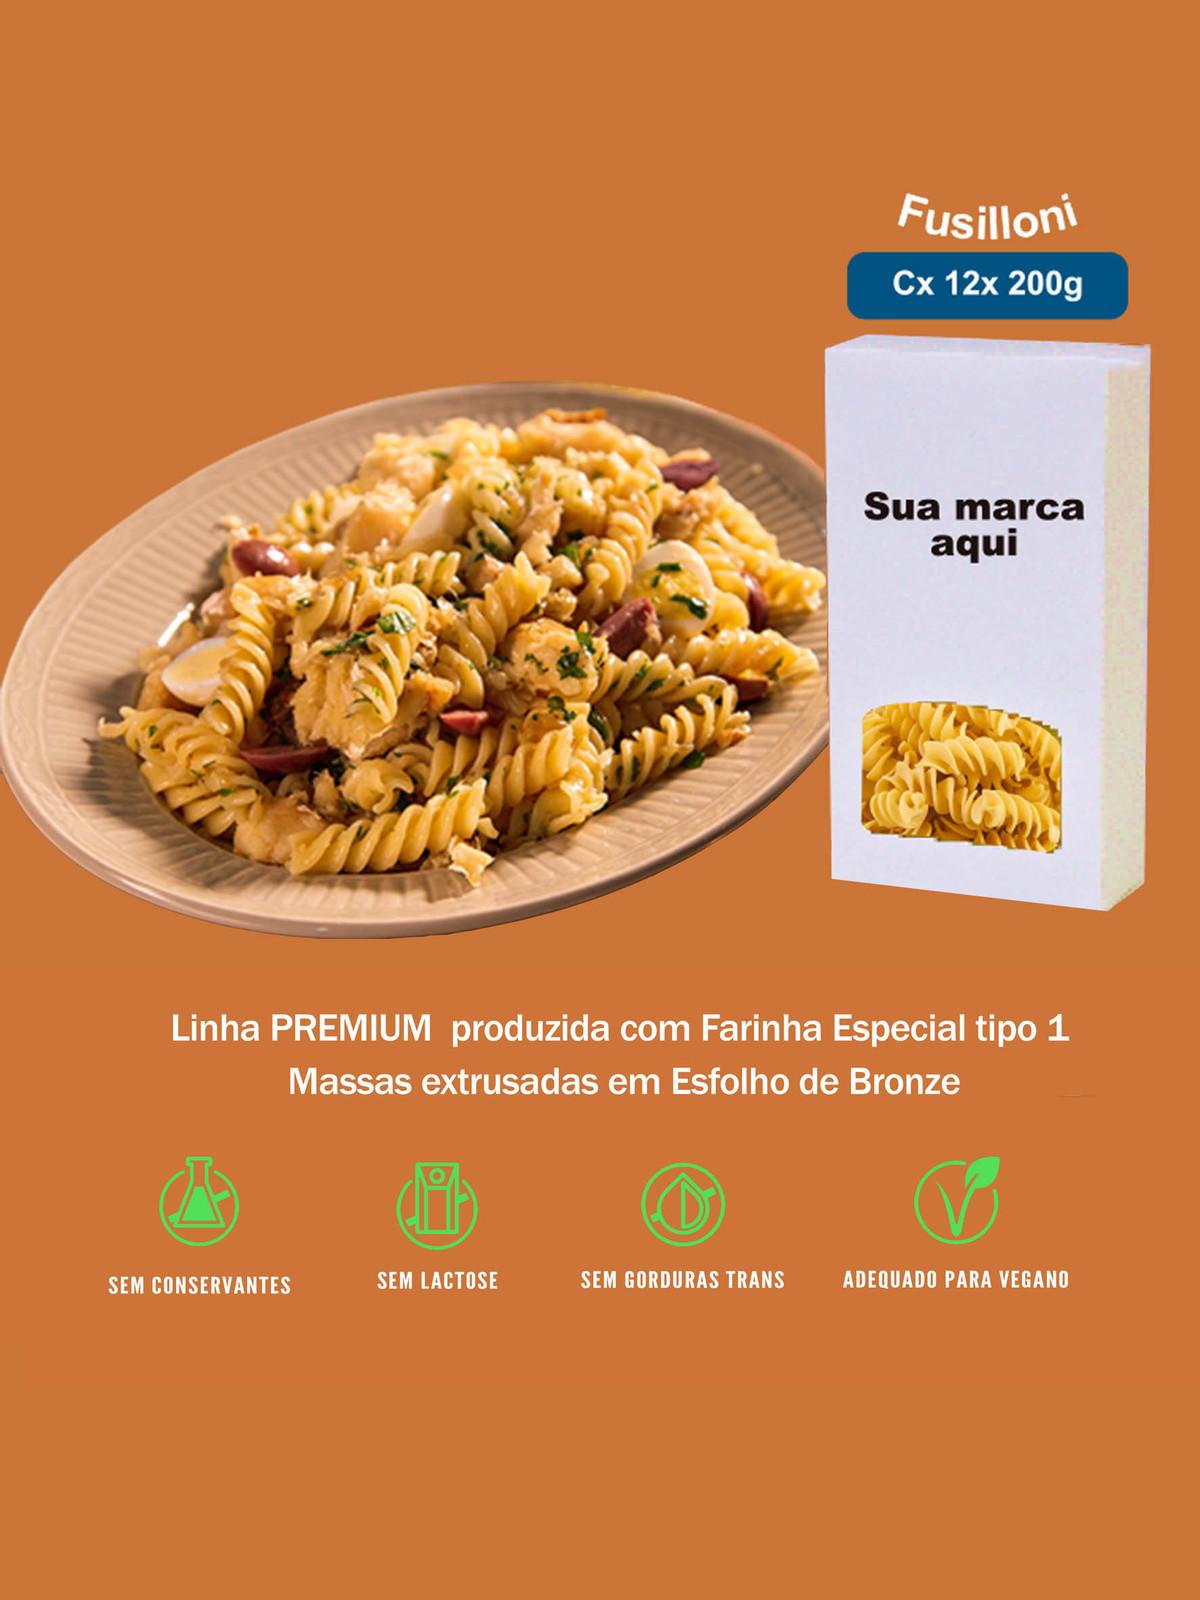 Imagem capa - Fusilloni Linha Premium por pastificiofasson